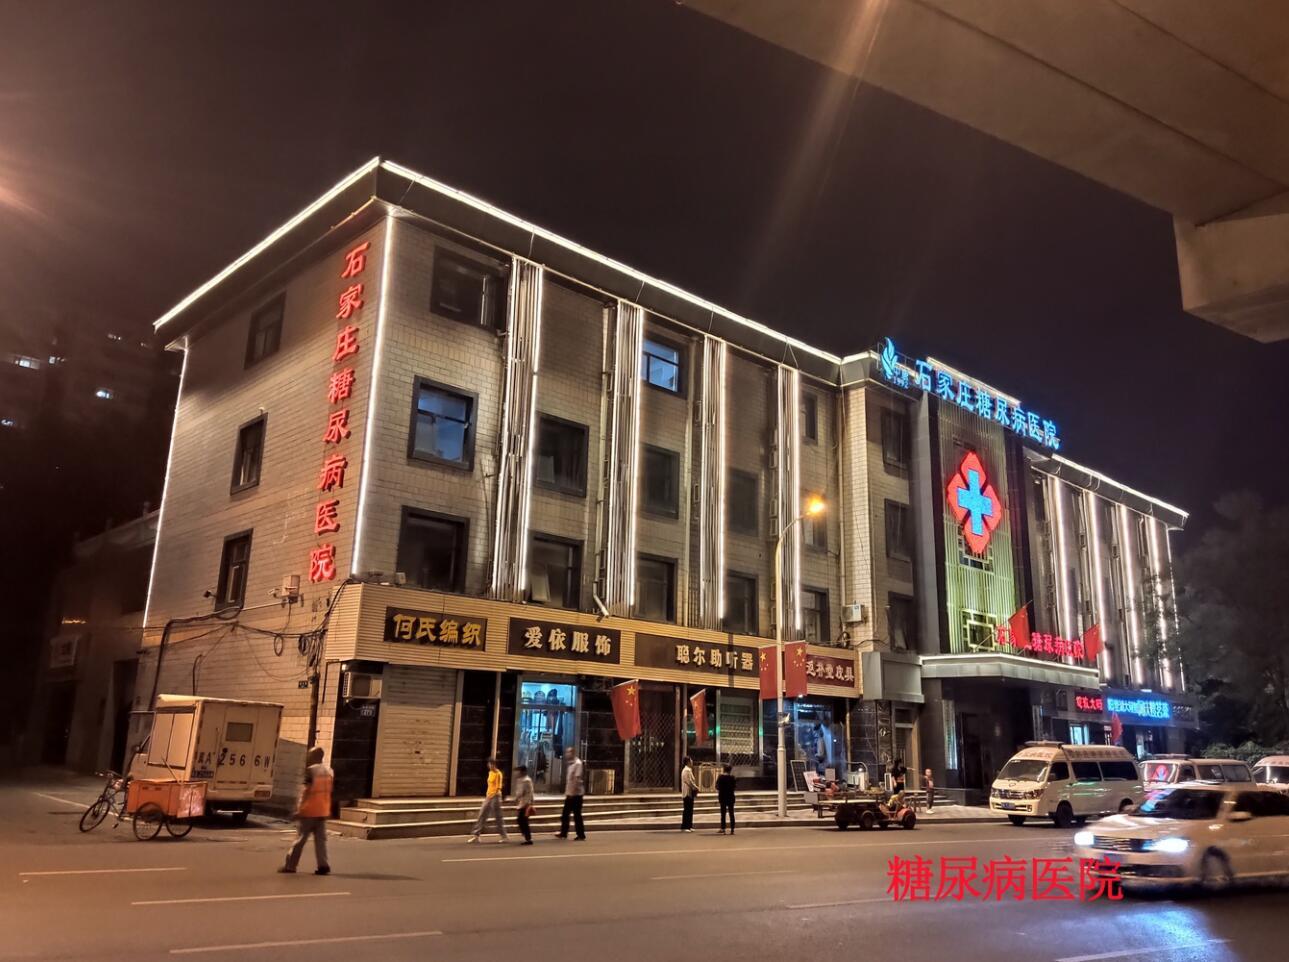 中华大街必威官网登陆官方网站工程(2)